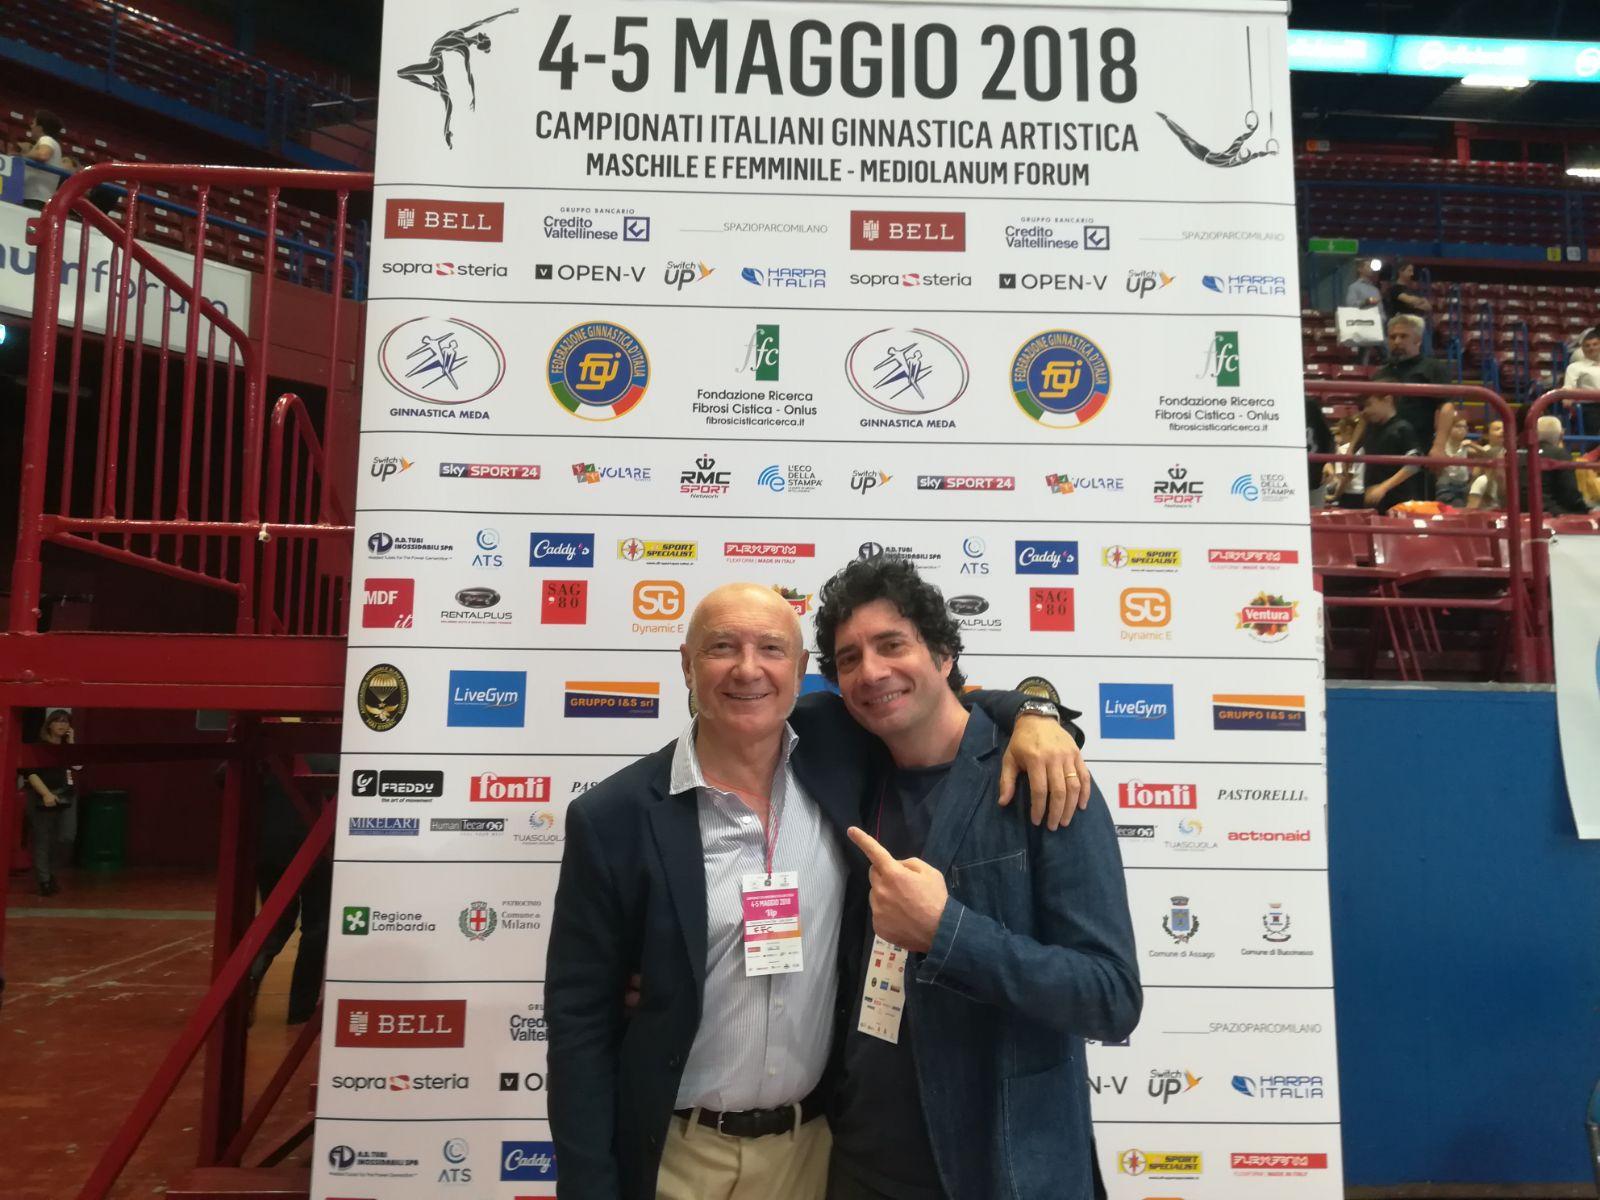 Paolo Faganelli e Piero Salvatori